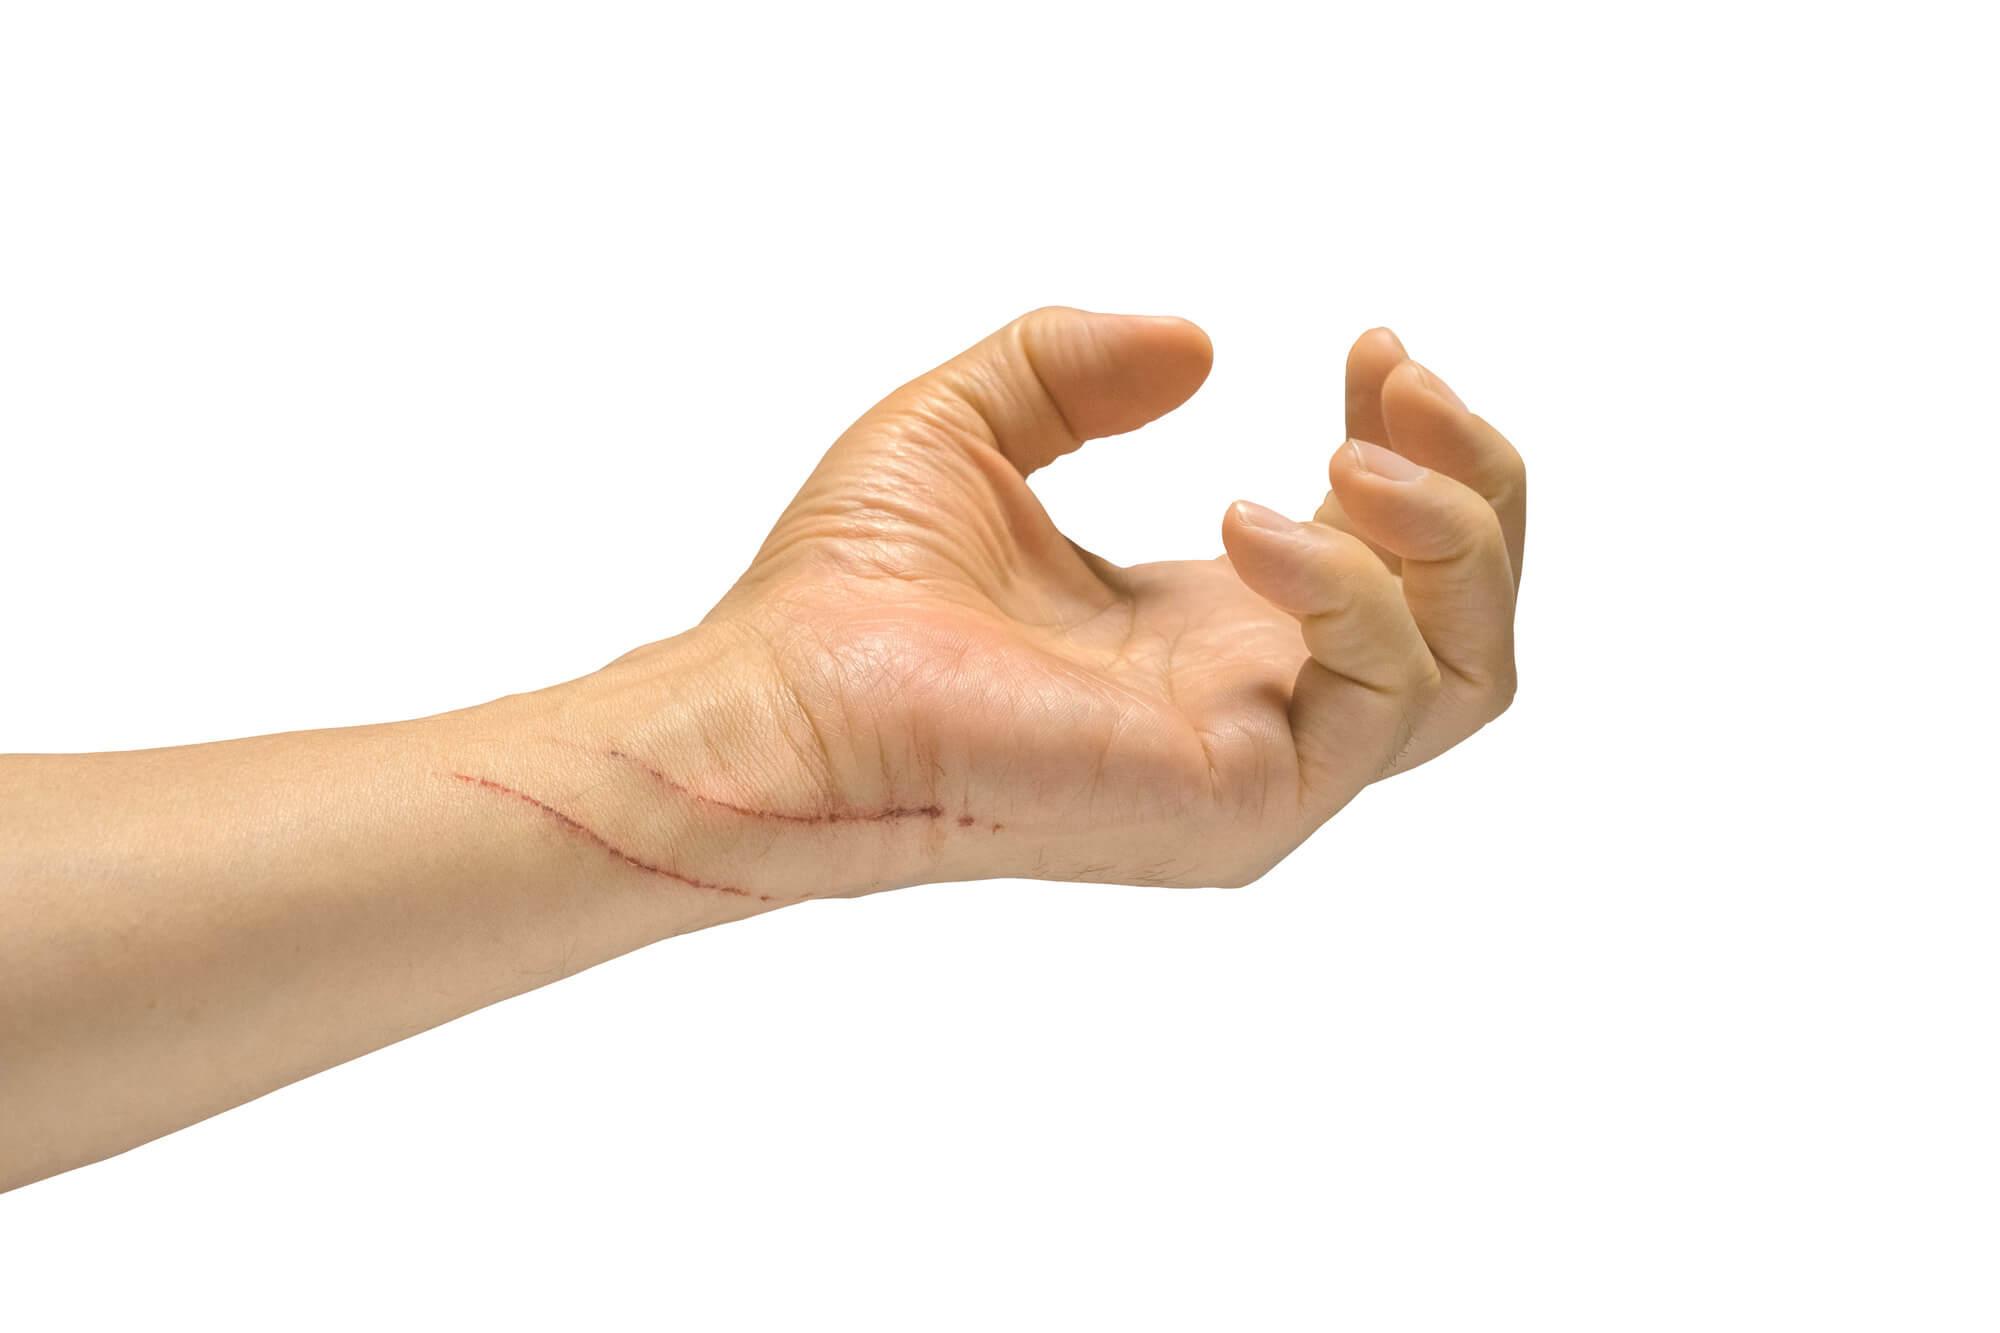 猫によるひっかき傷をできるだけ早く治す方法